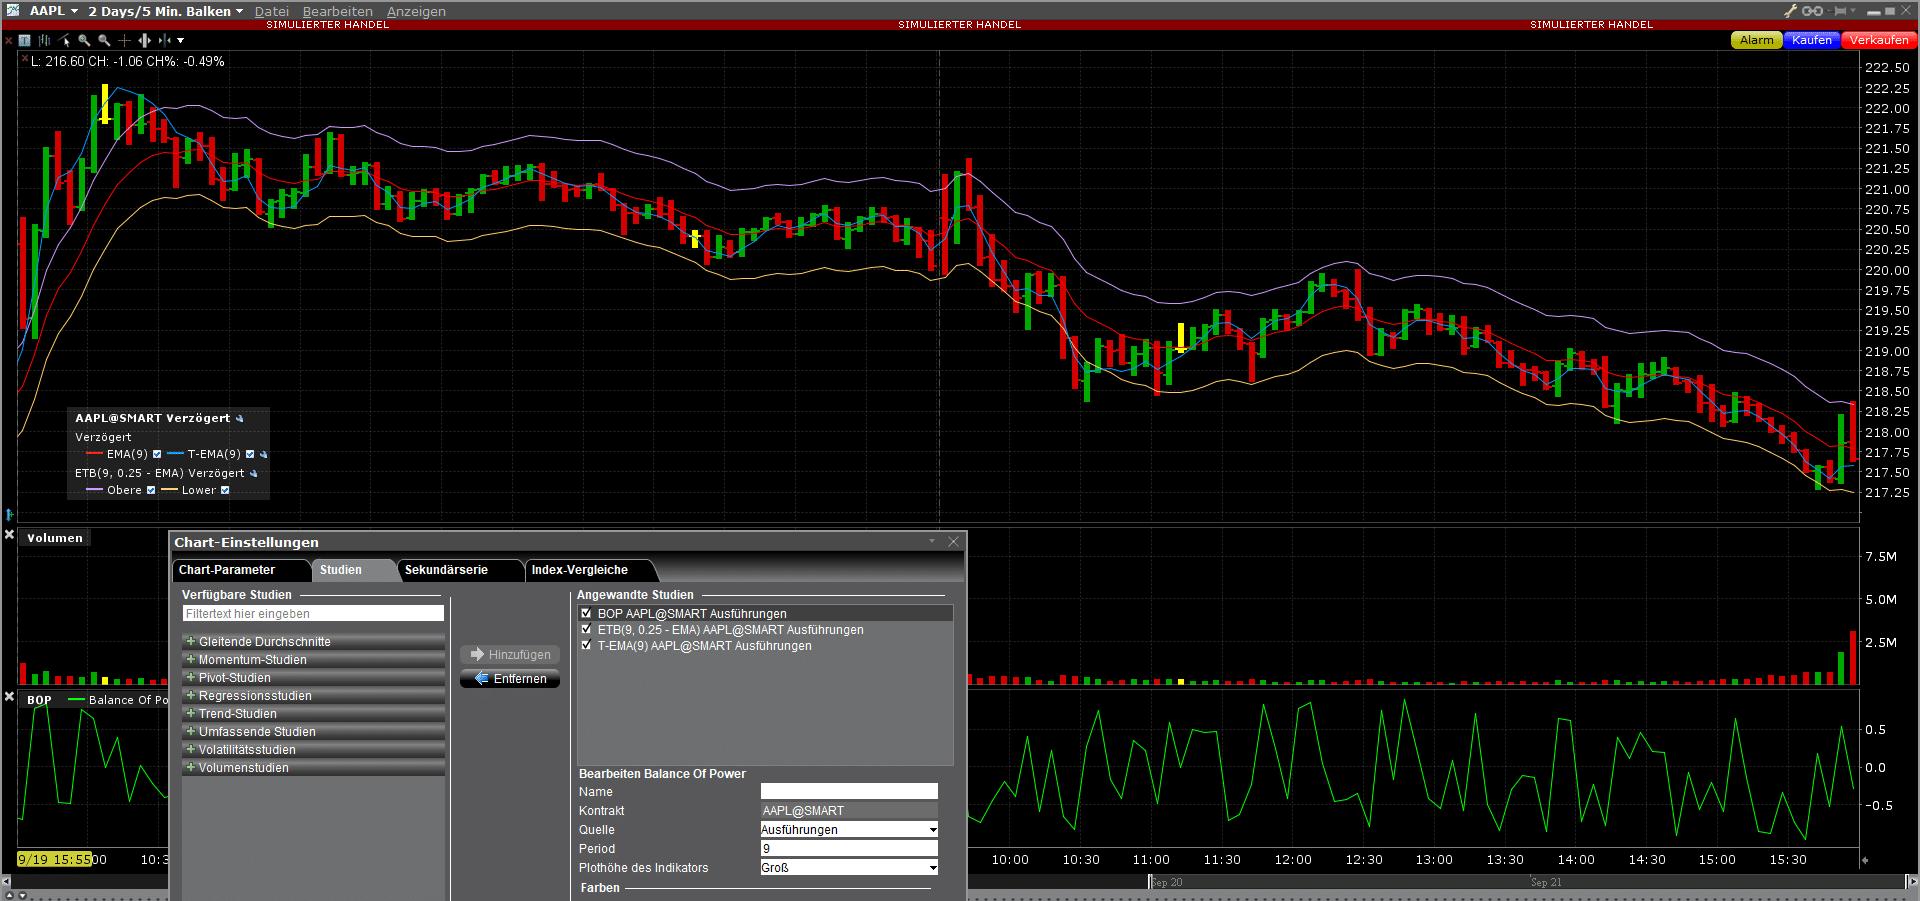 Chartansicht der Apple-Aktie in der Trading-Plattform von Interactive Brokers mit verschiedenen Indikatoren